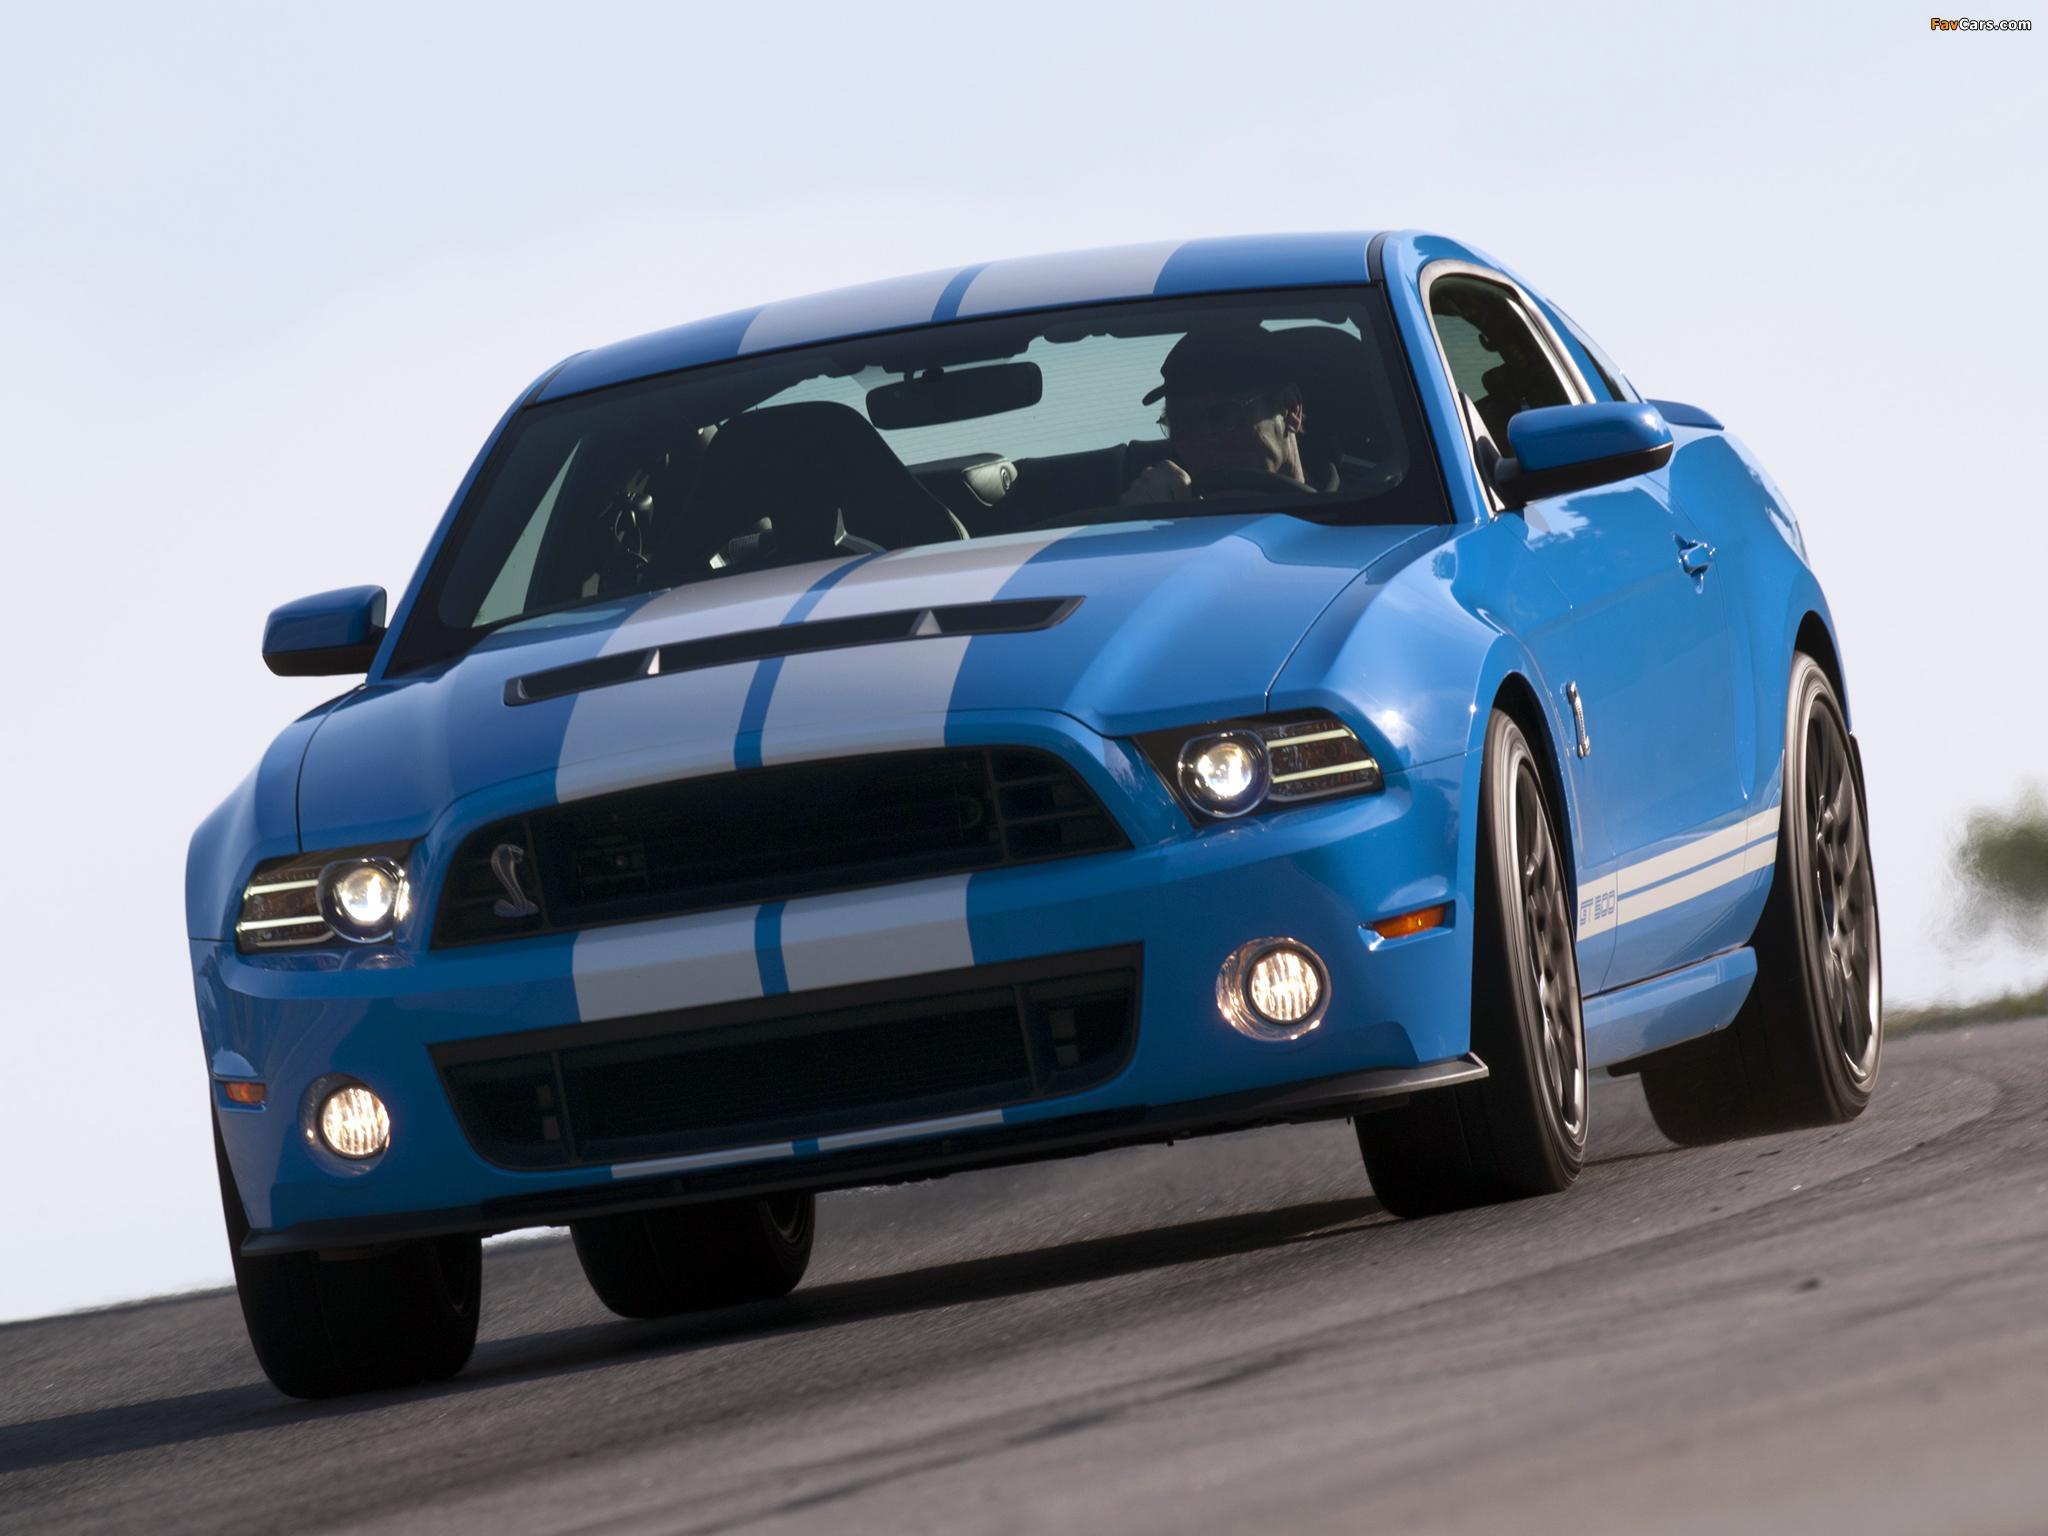 Автомобили Ford (весь модельный ряд) цены, характеристики ...